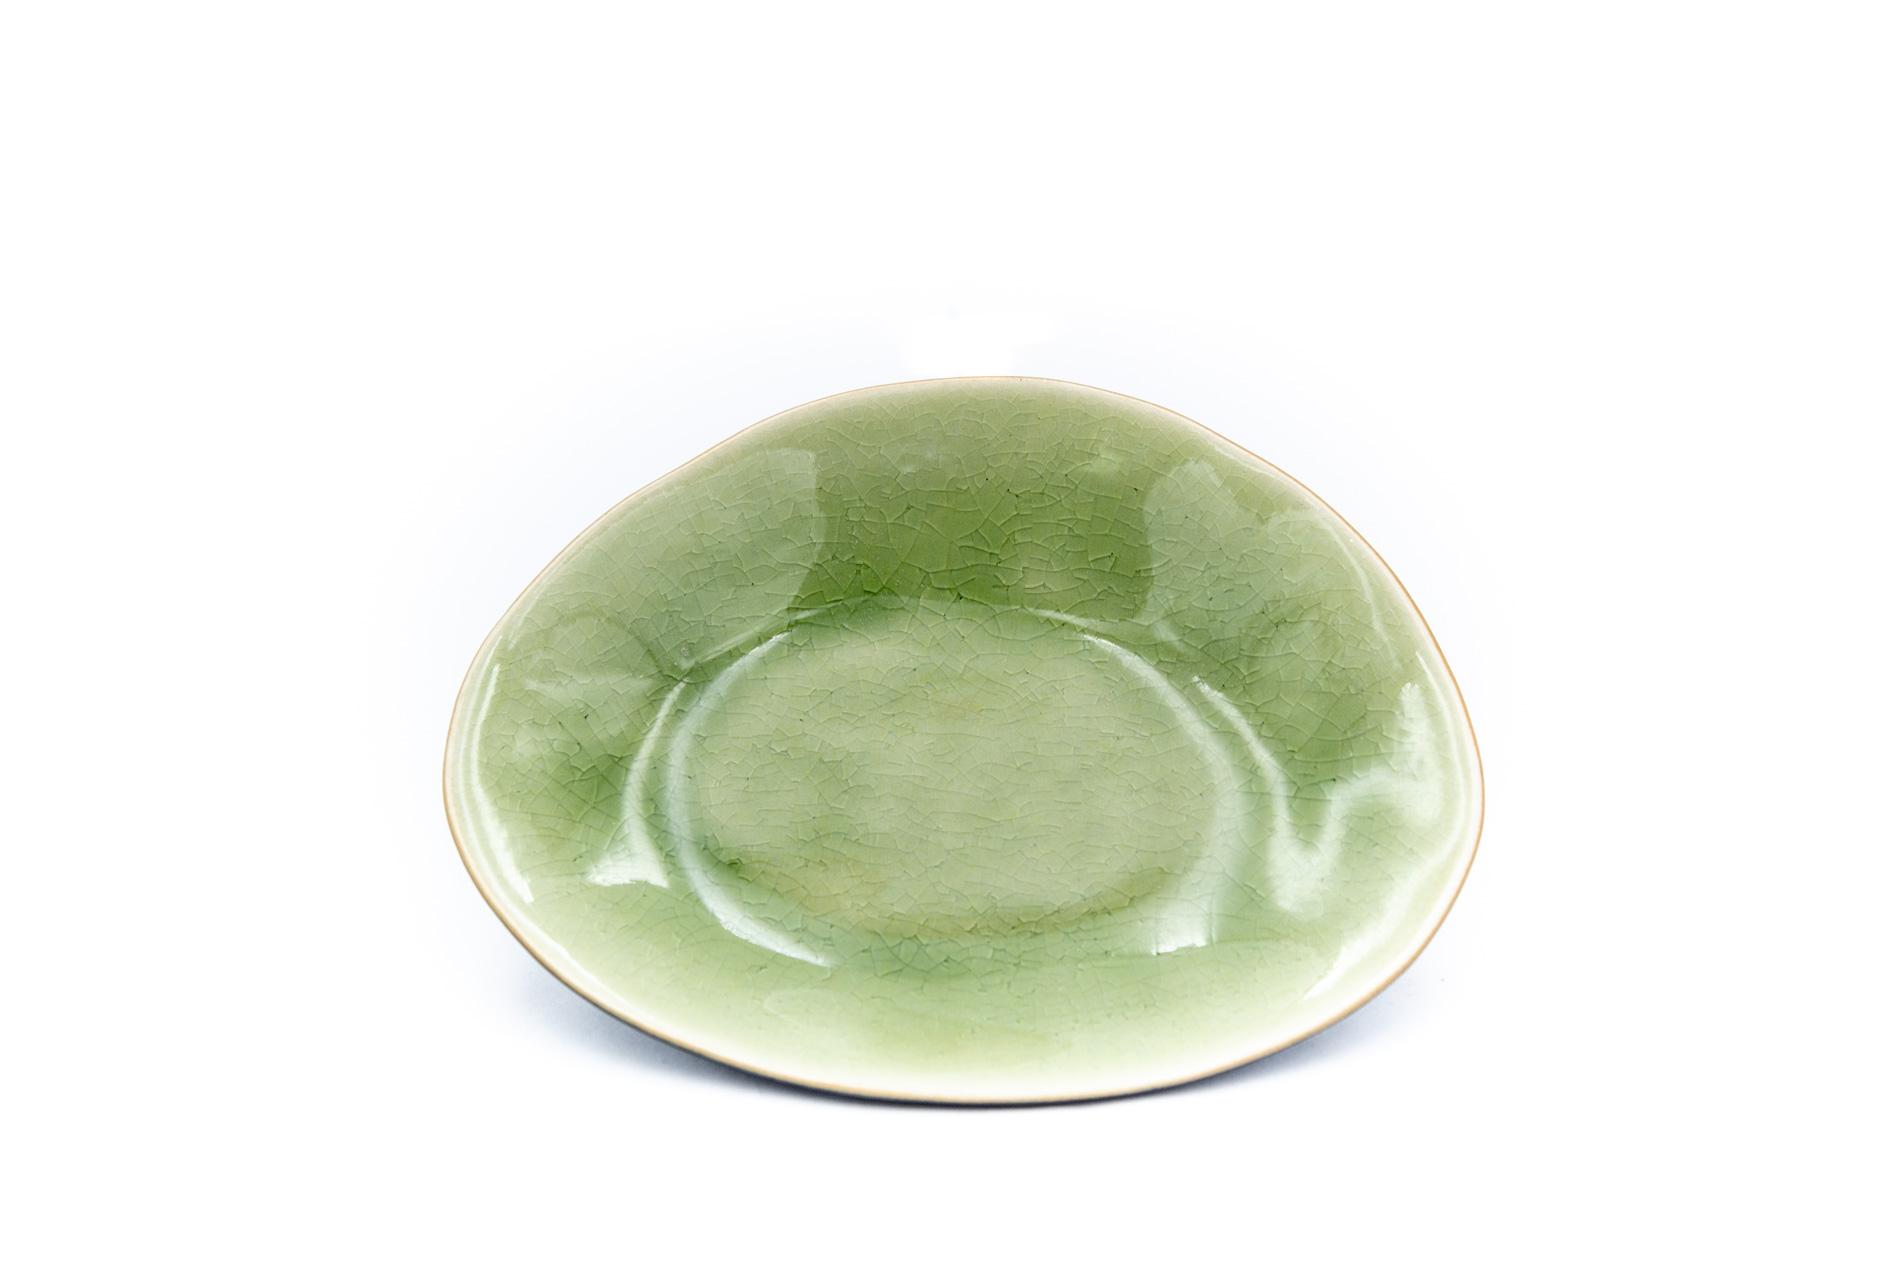 Brotteller, Riviera, grün, oval, 16 cm